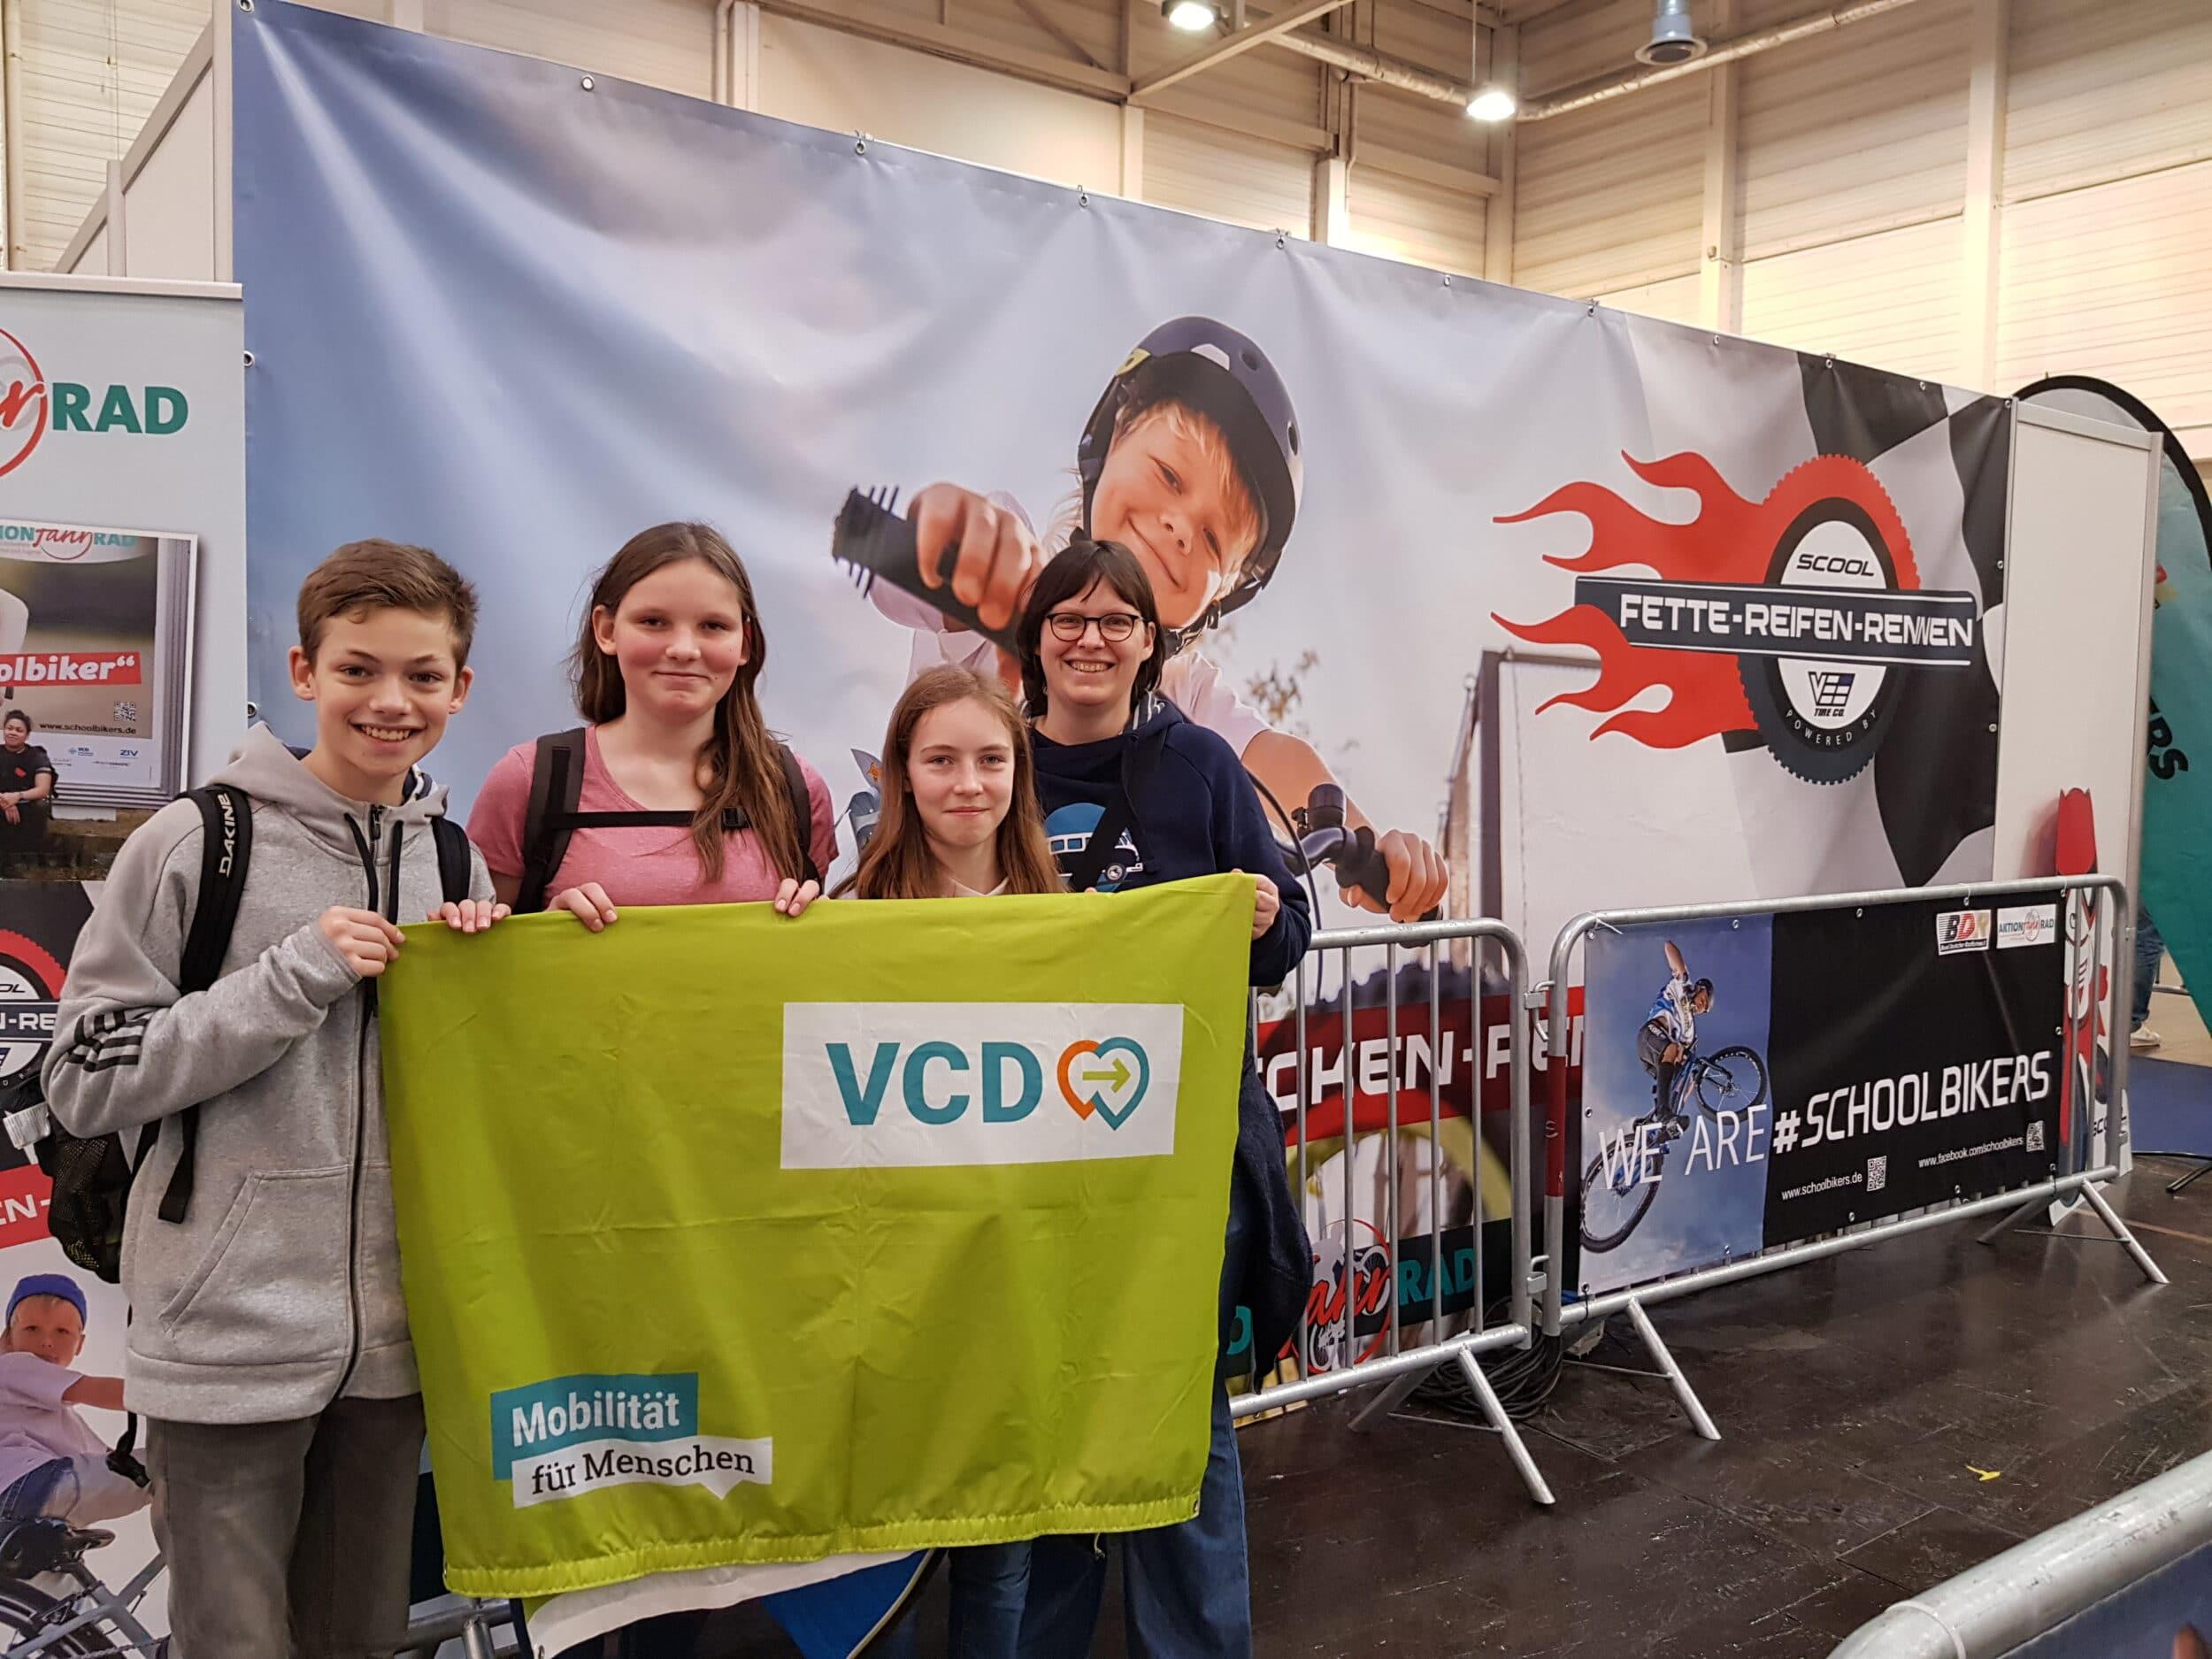 Ein RSG-Team bei der Klimatour-Eröffnung im Rahmen der Fahrradmesse anno 2020. (Fotos: RSG)